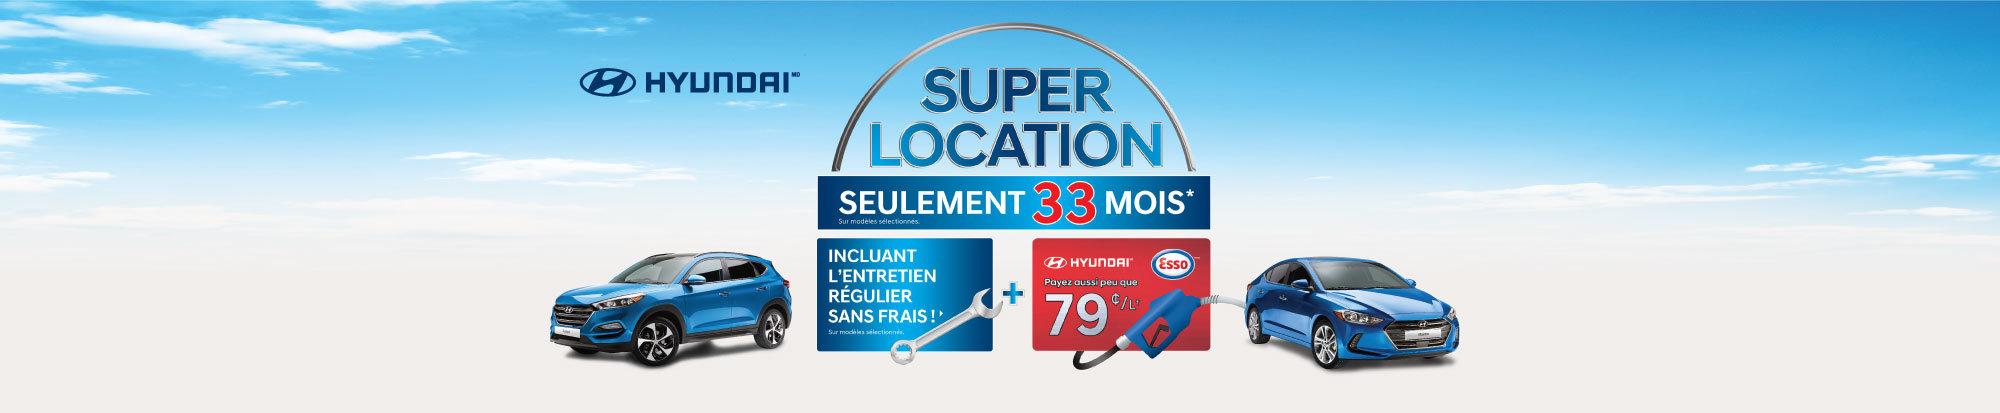 Super location web